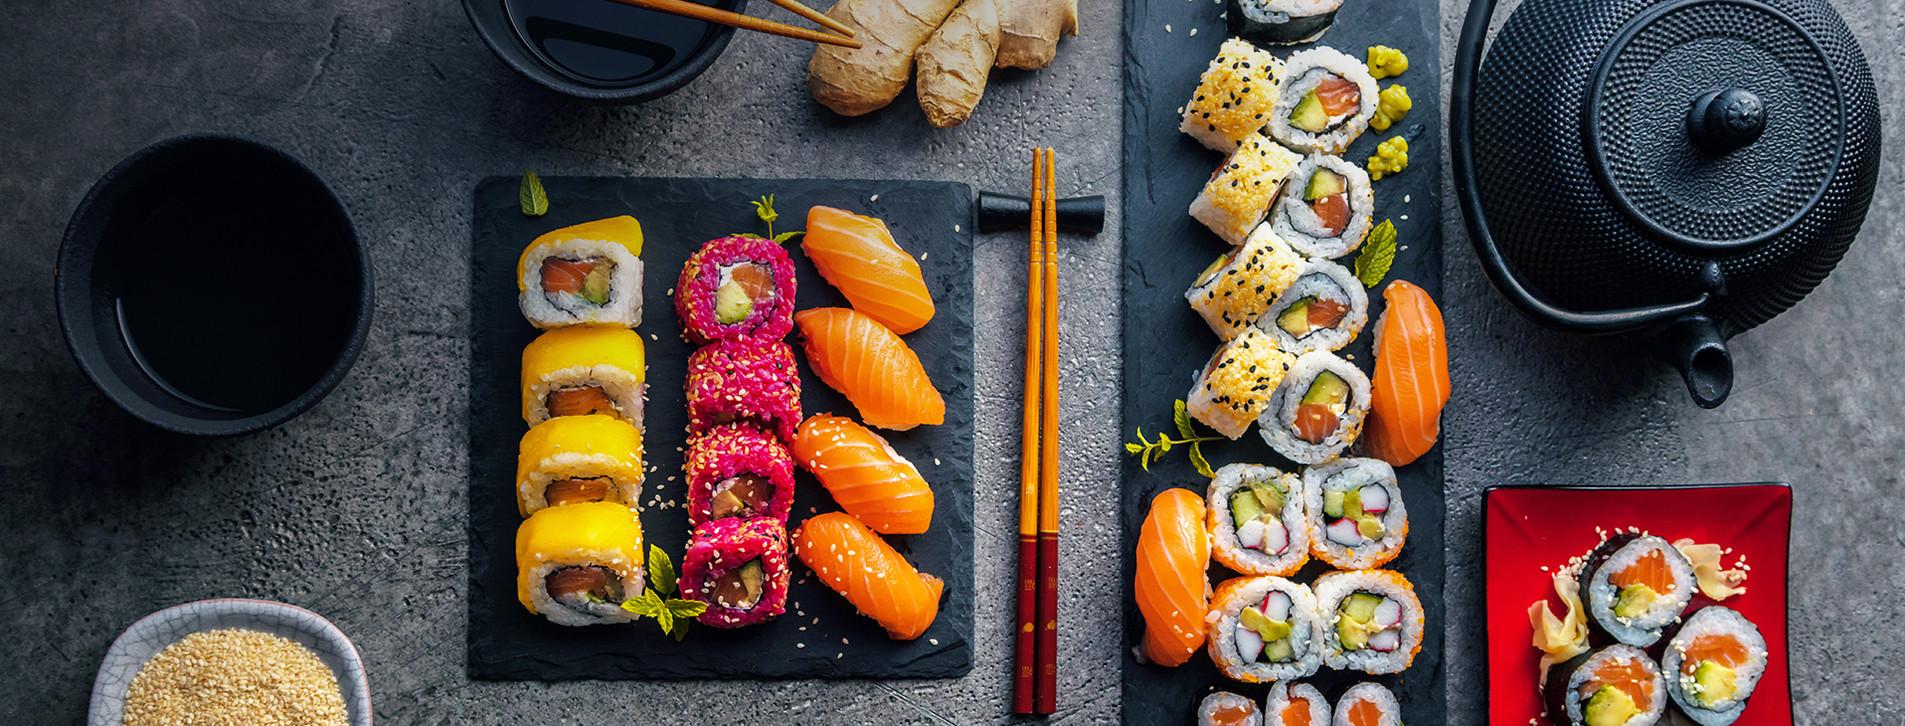 Фото - Майстер-клас суші для компанії